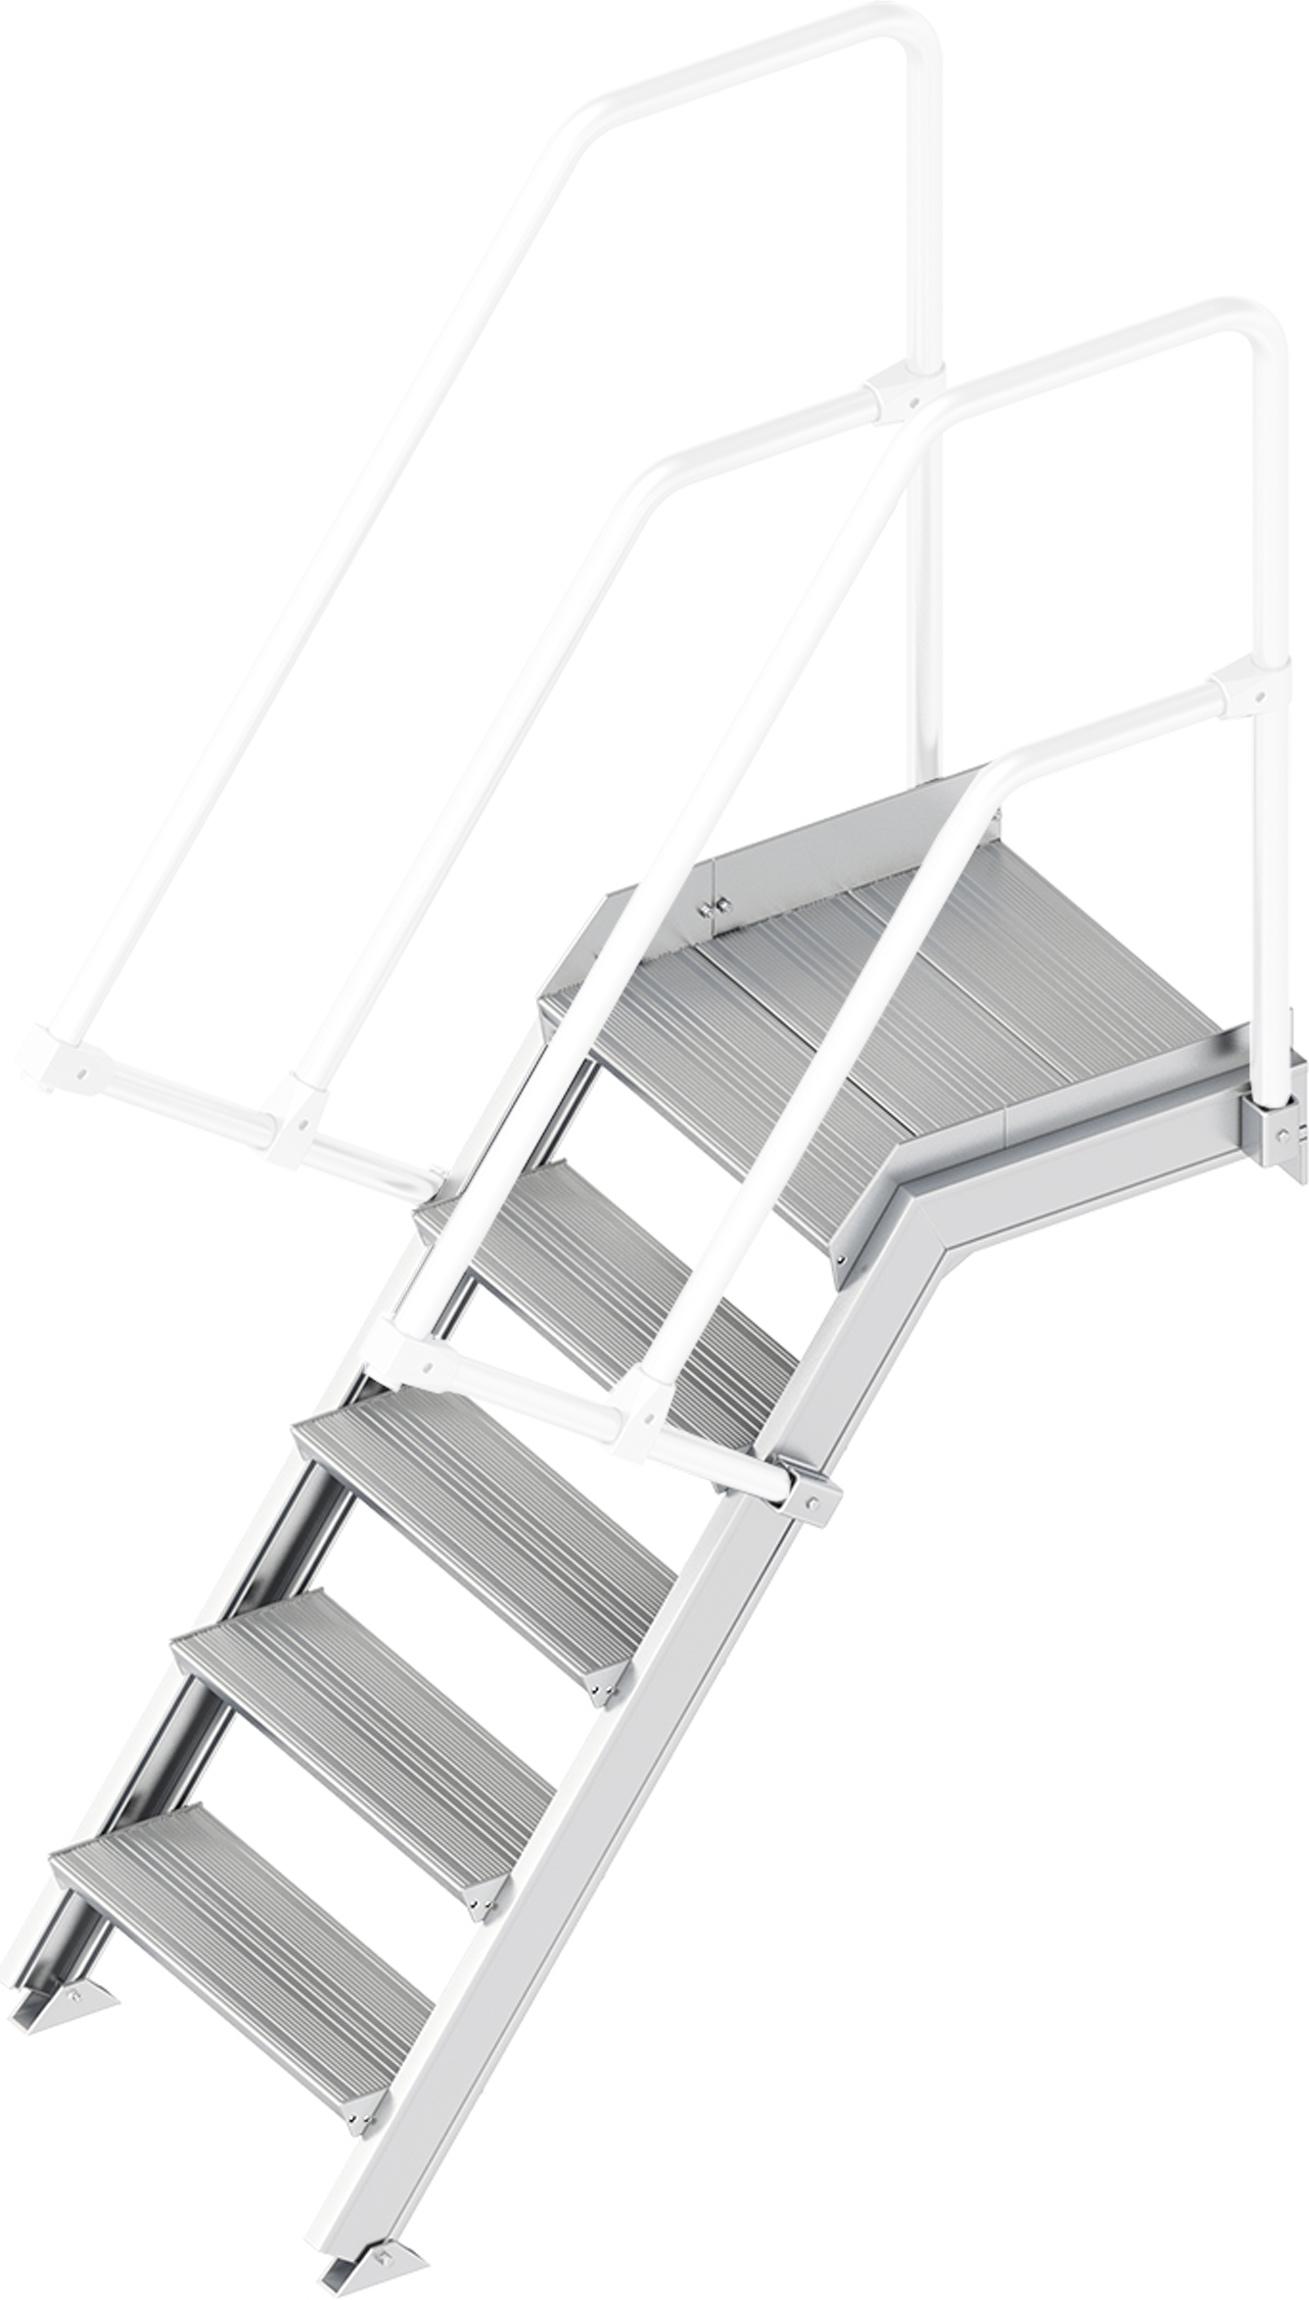 Layher Plattformtreppe 55° 5 Stufen - 600 mm breit